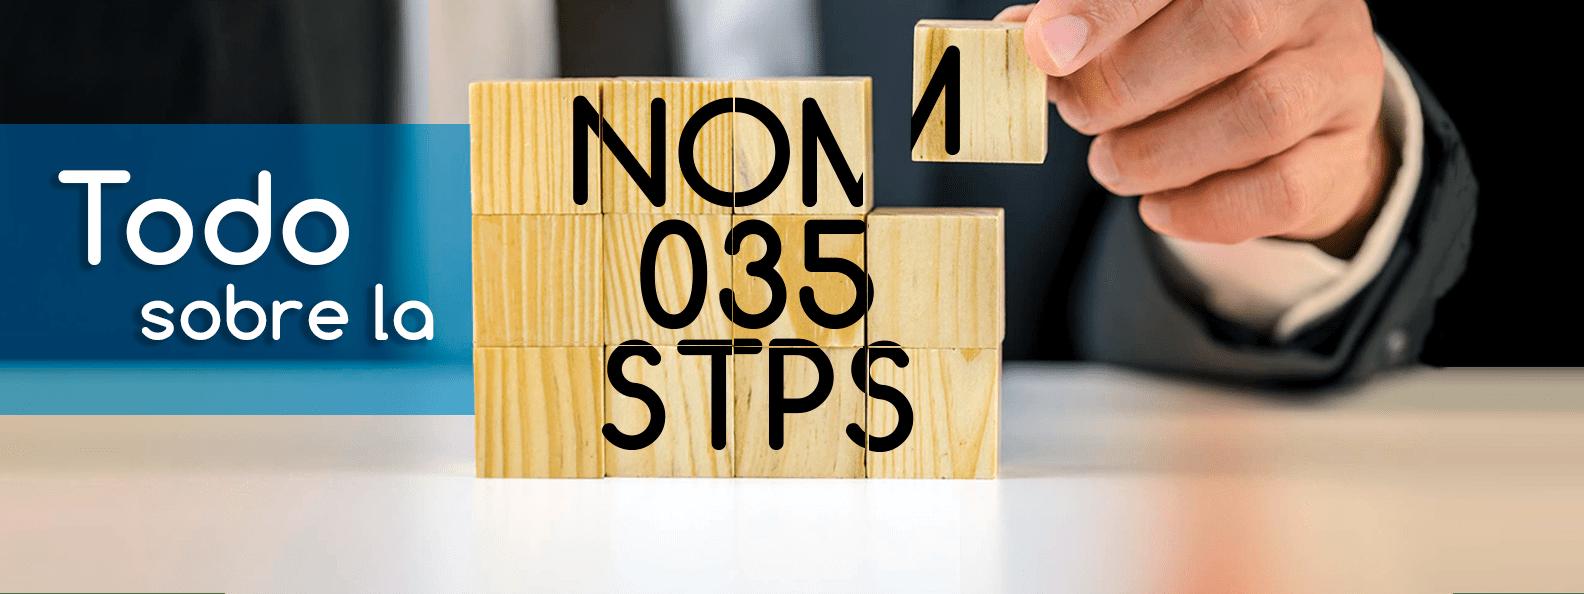 Blog de salud empresarial - Implementar la NOM-035-STPS en tu organización-Portada